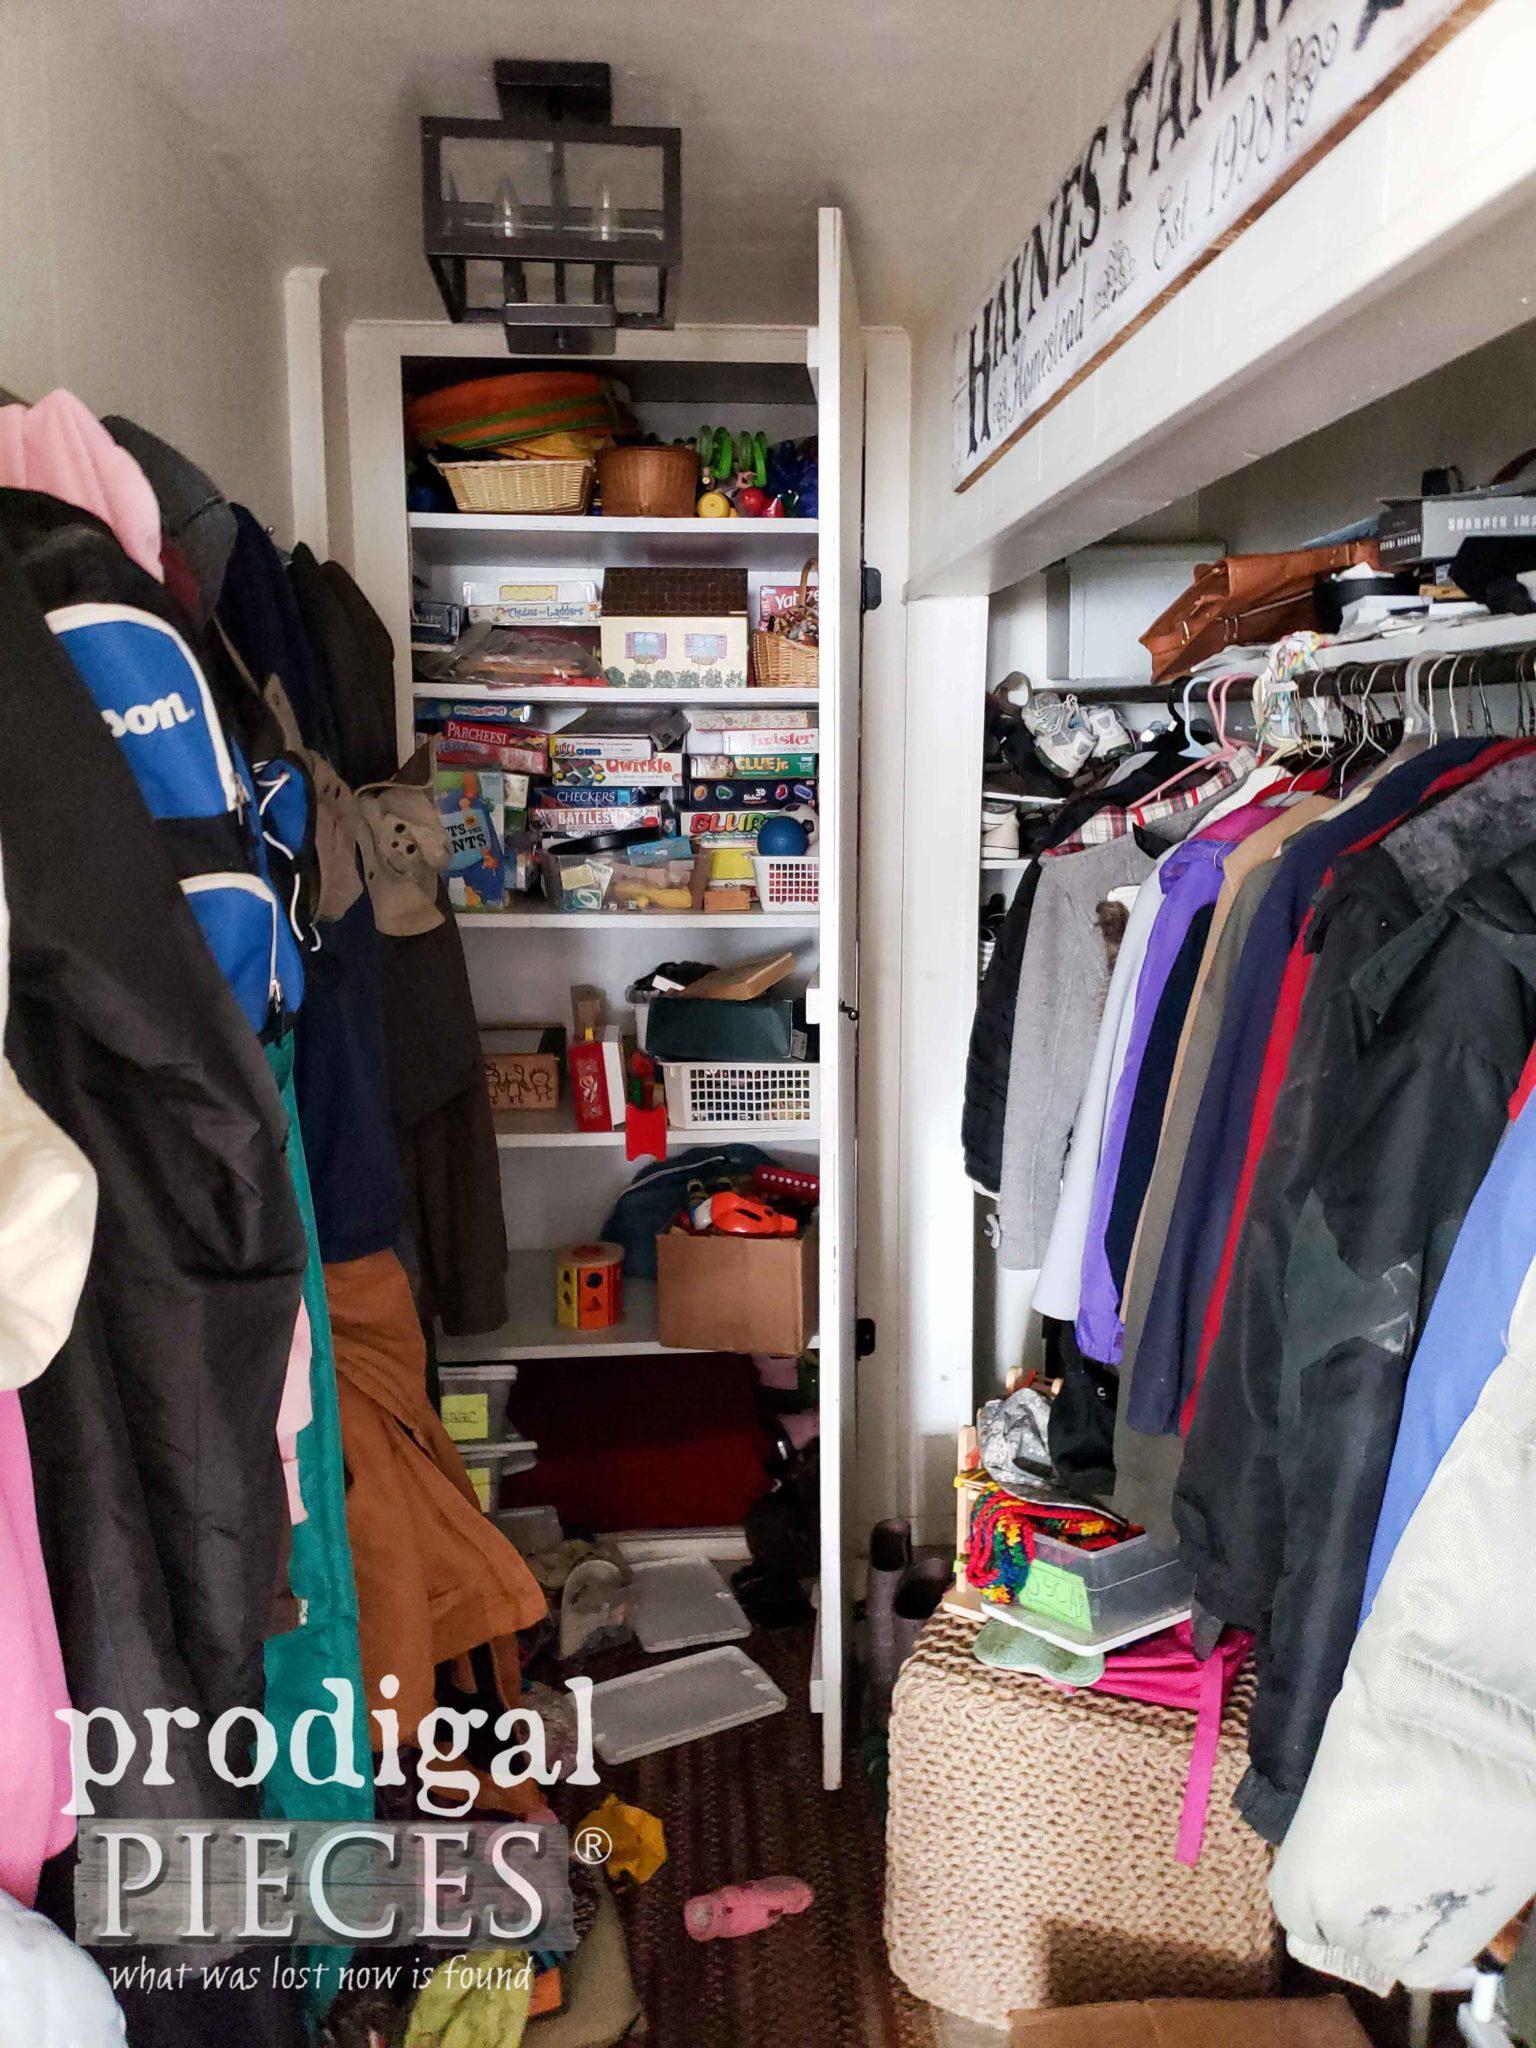 Mudroom Closet Before Makeover by Prodigal Pieces | prodigalpieces.com